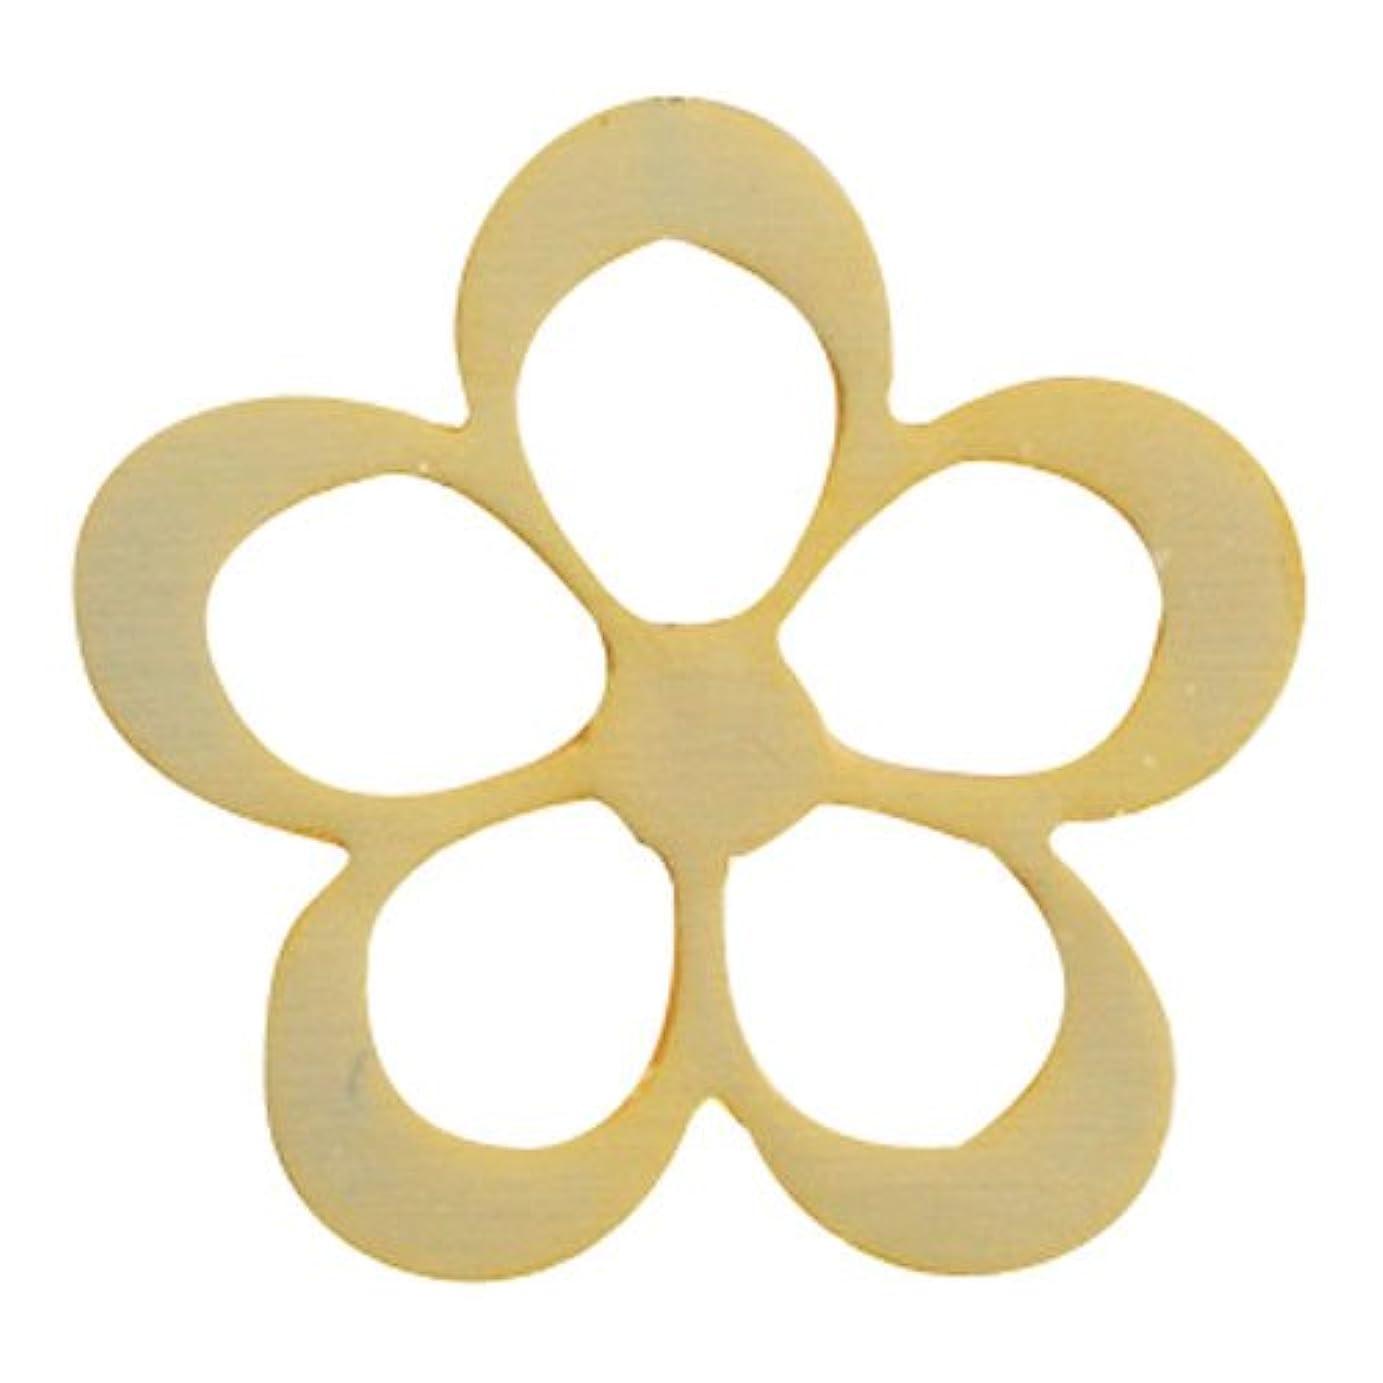 ショッキング数学的な魔女リトルプリティー ネイルアートパーツ シャイニーフラワー L ゴールド 10個